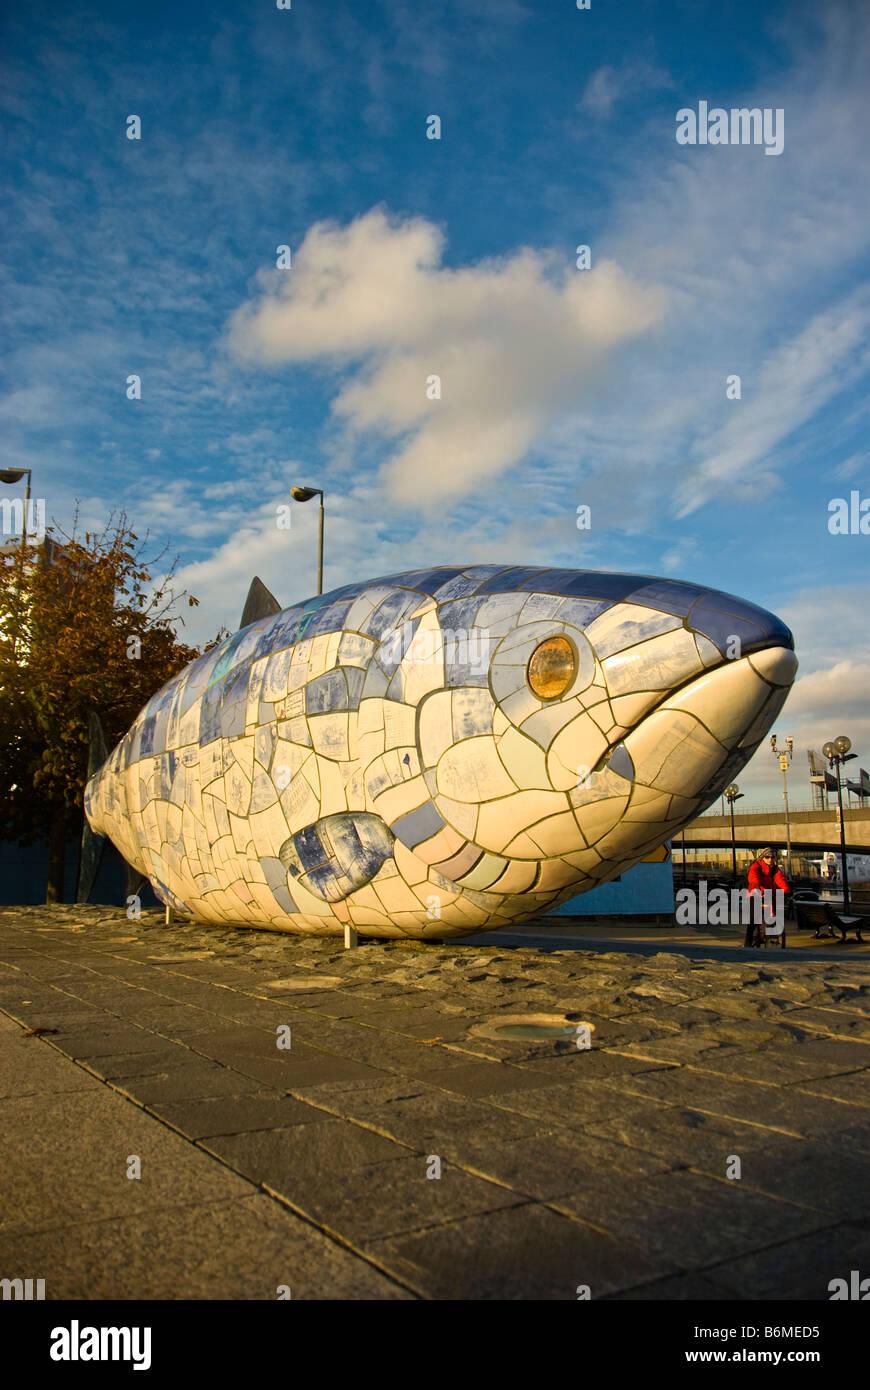 Belfast big fish sculpture public art popular tourist attraction Northern Ireland Waterfront lagan weir Laganside - Stock Image